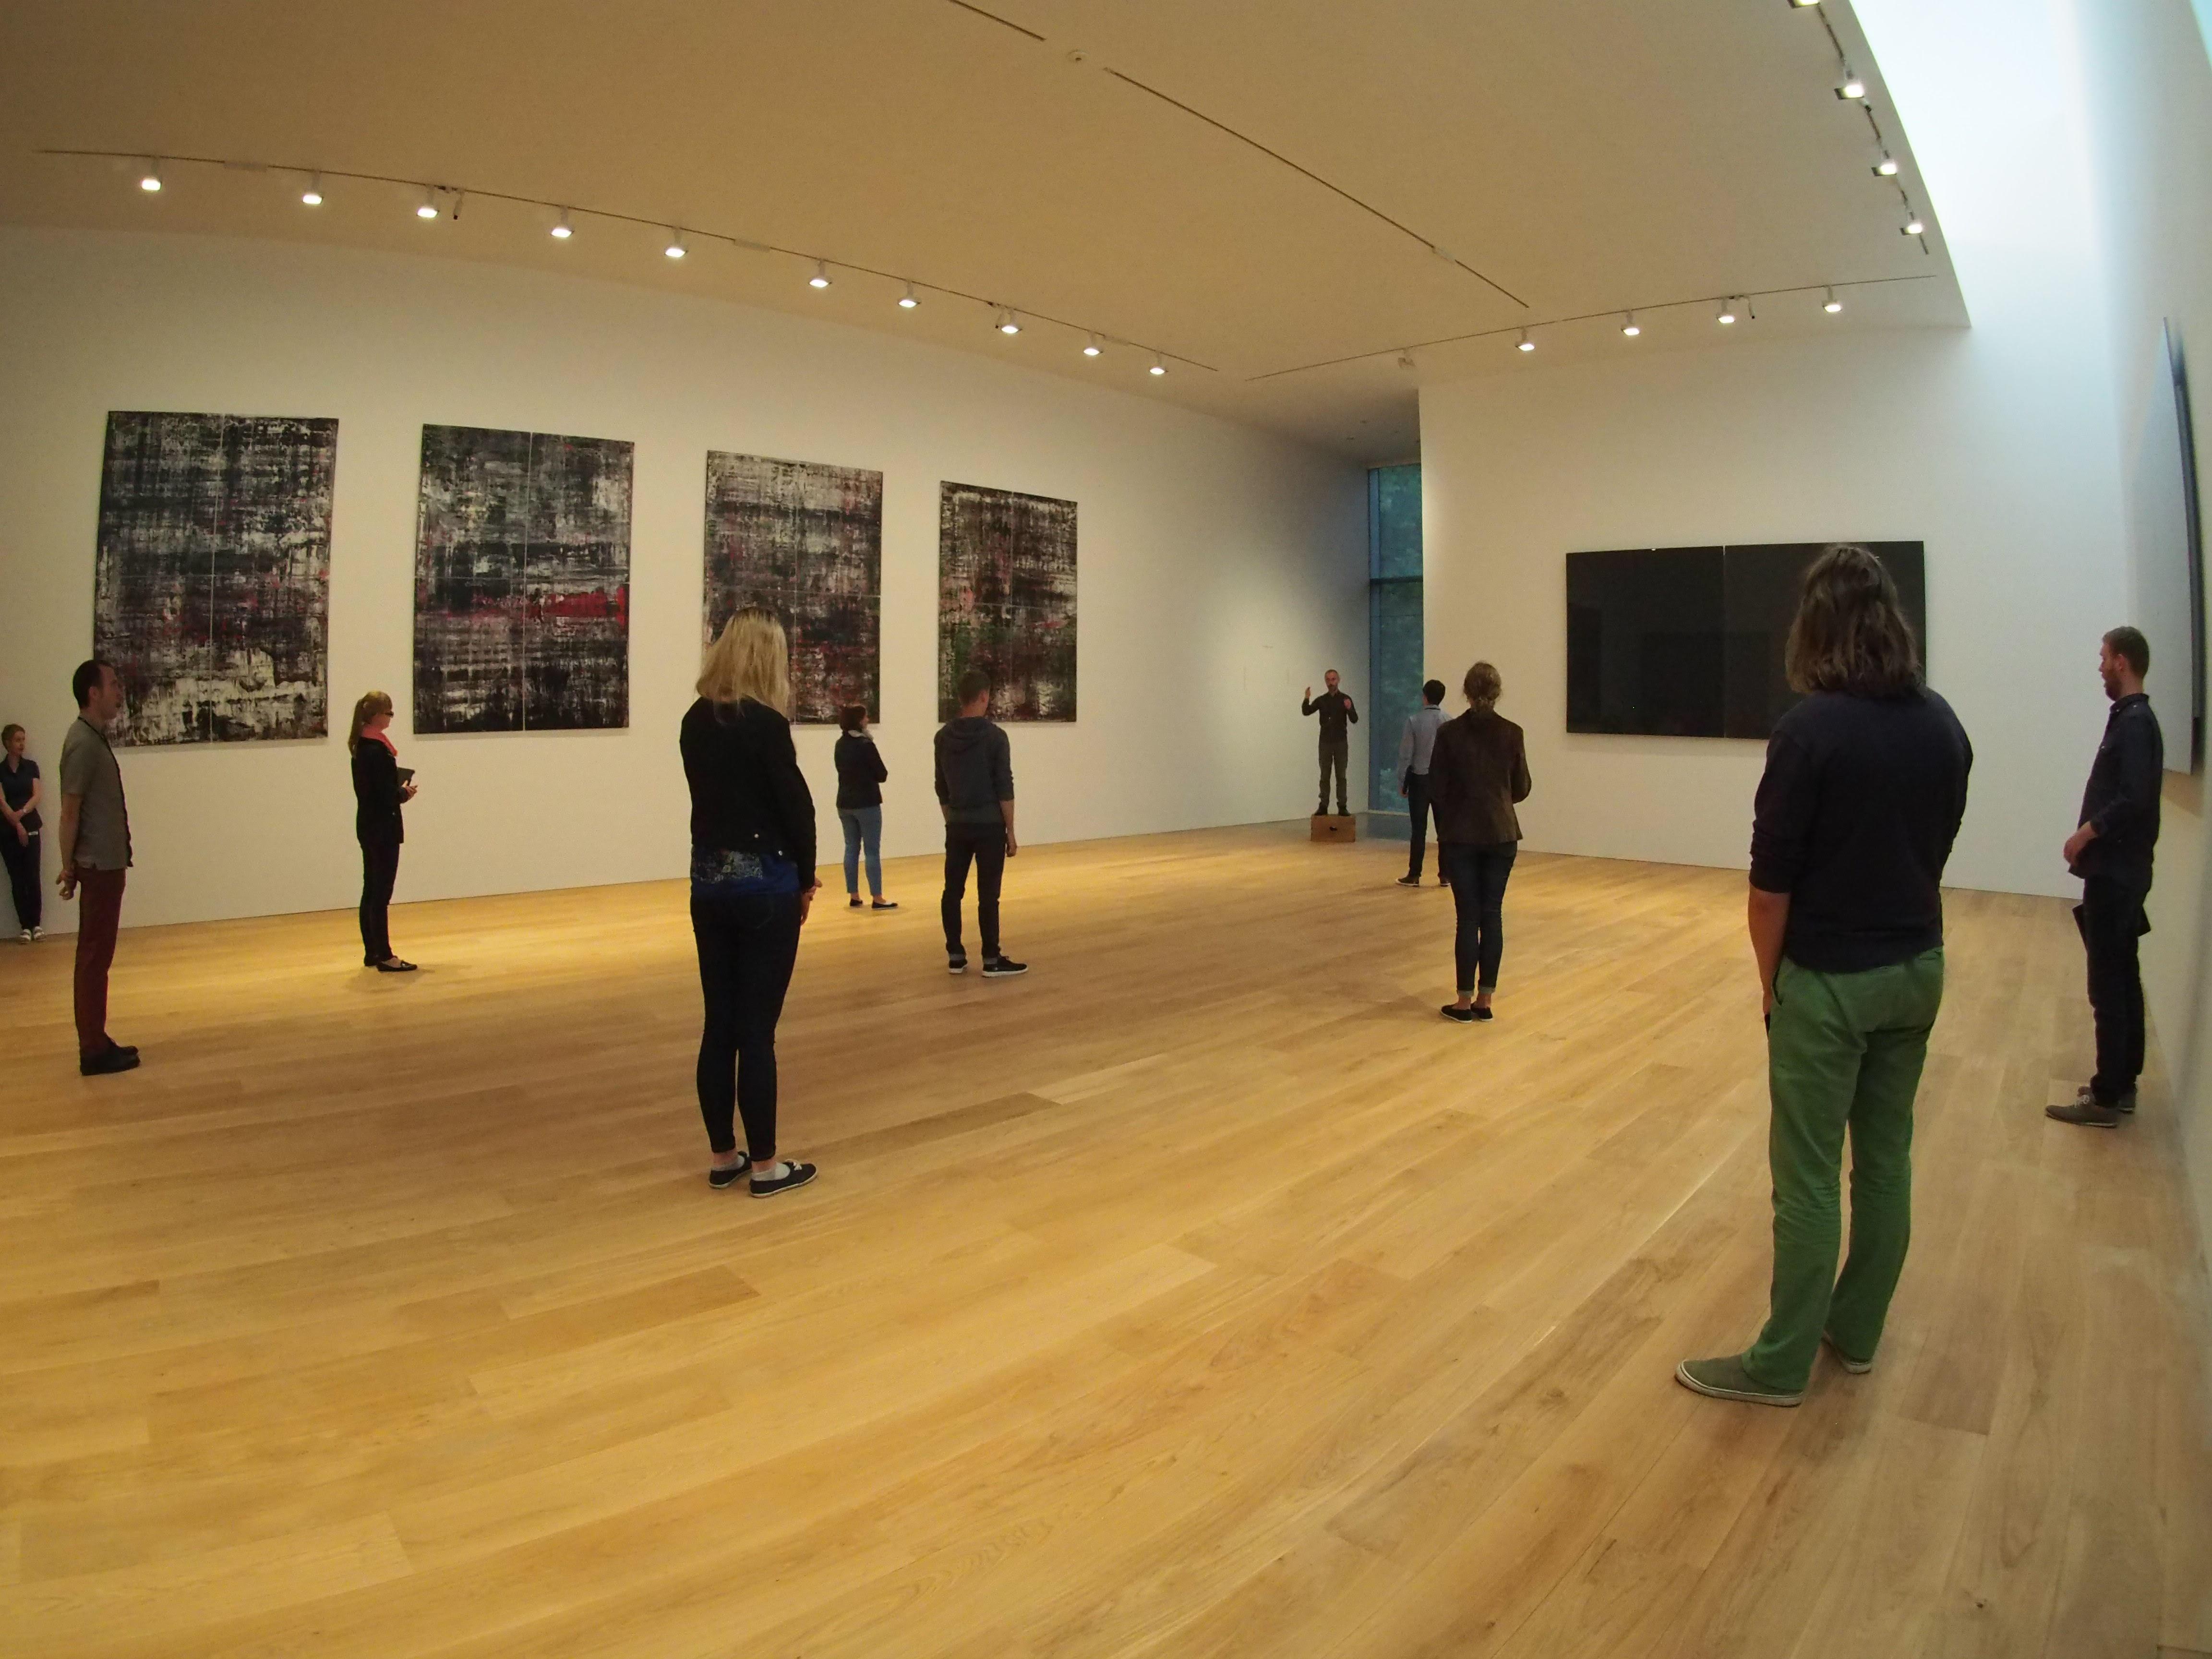 Richter Meets Pärt<br>Vox Clamantis – Concert at an Exhibition